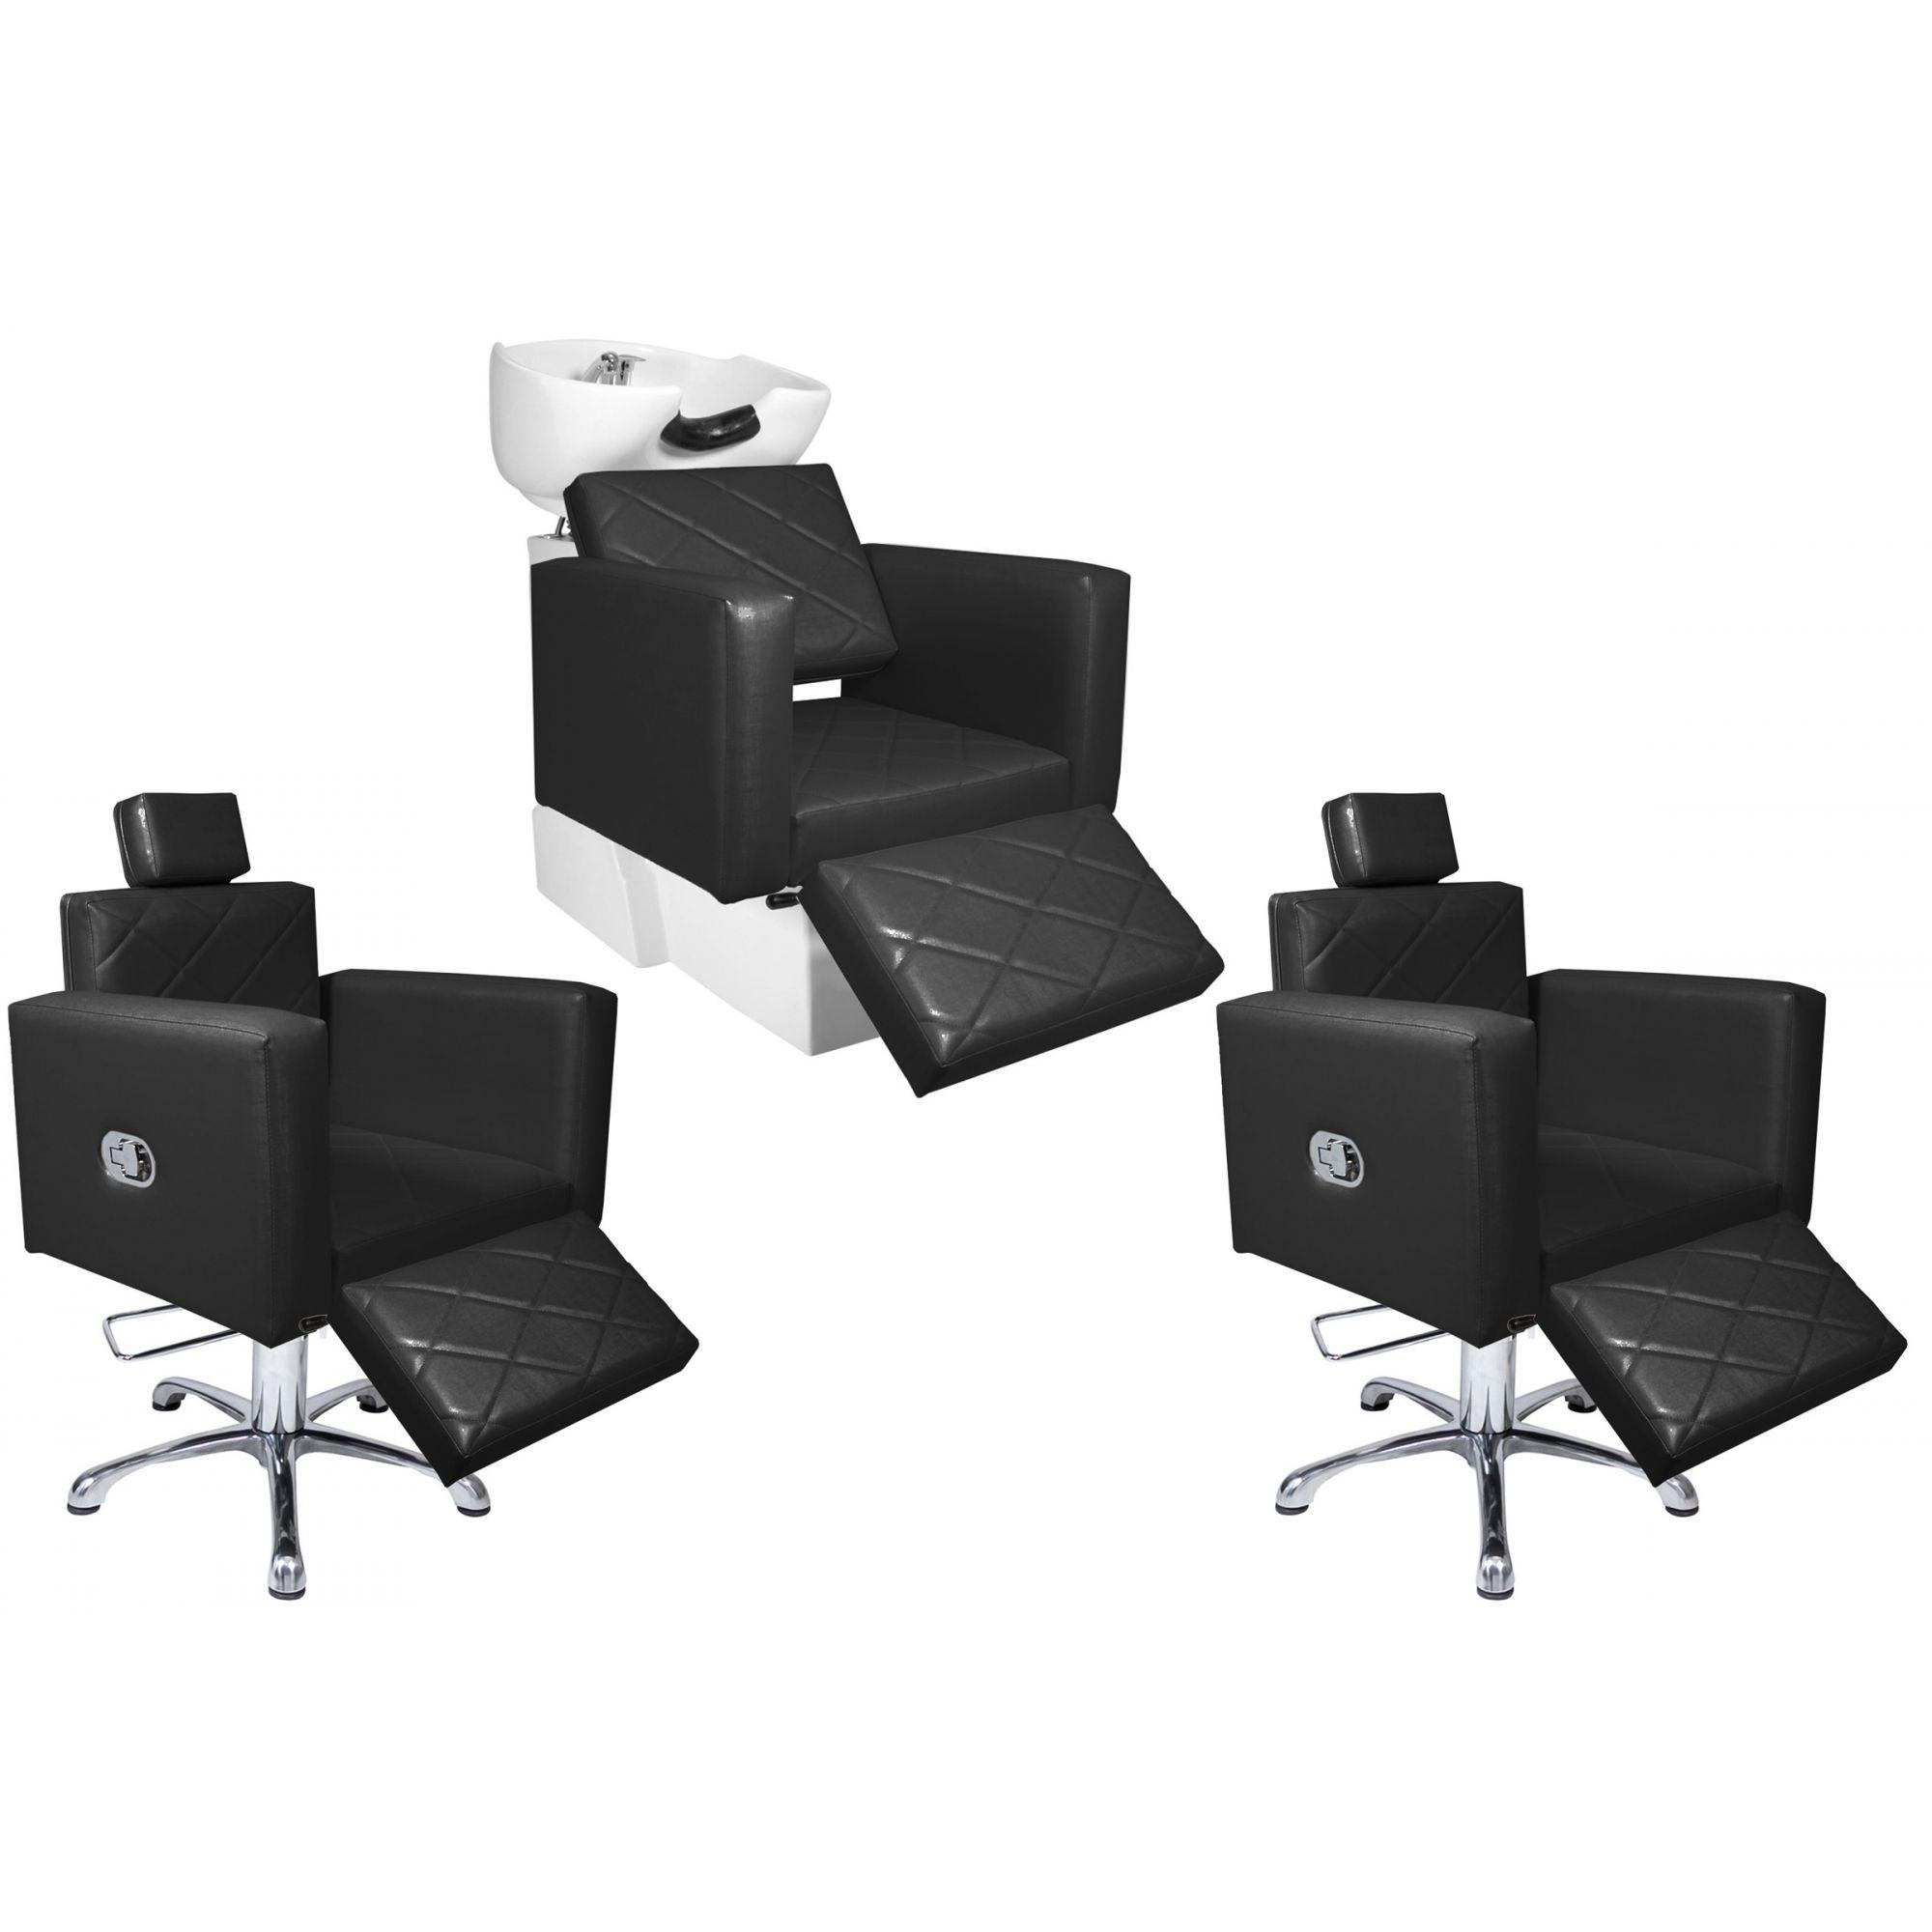 KIT Evidence - 2 Cadeiras Reclináveis Com Descanso de Pé + 1 Lavatório Com Descanso de Pé